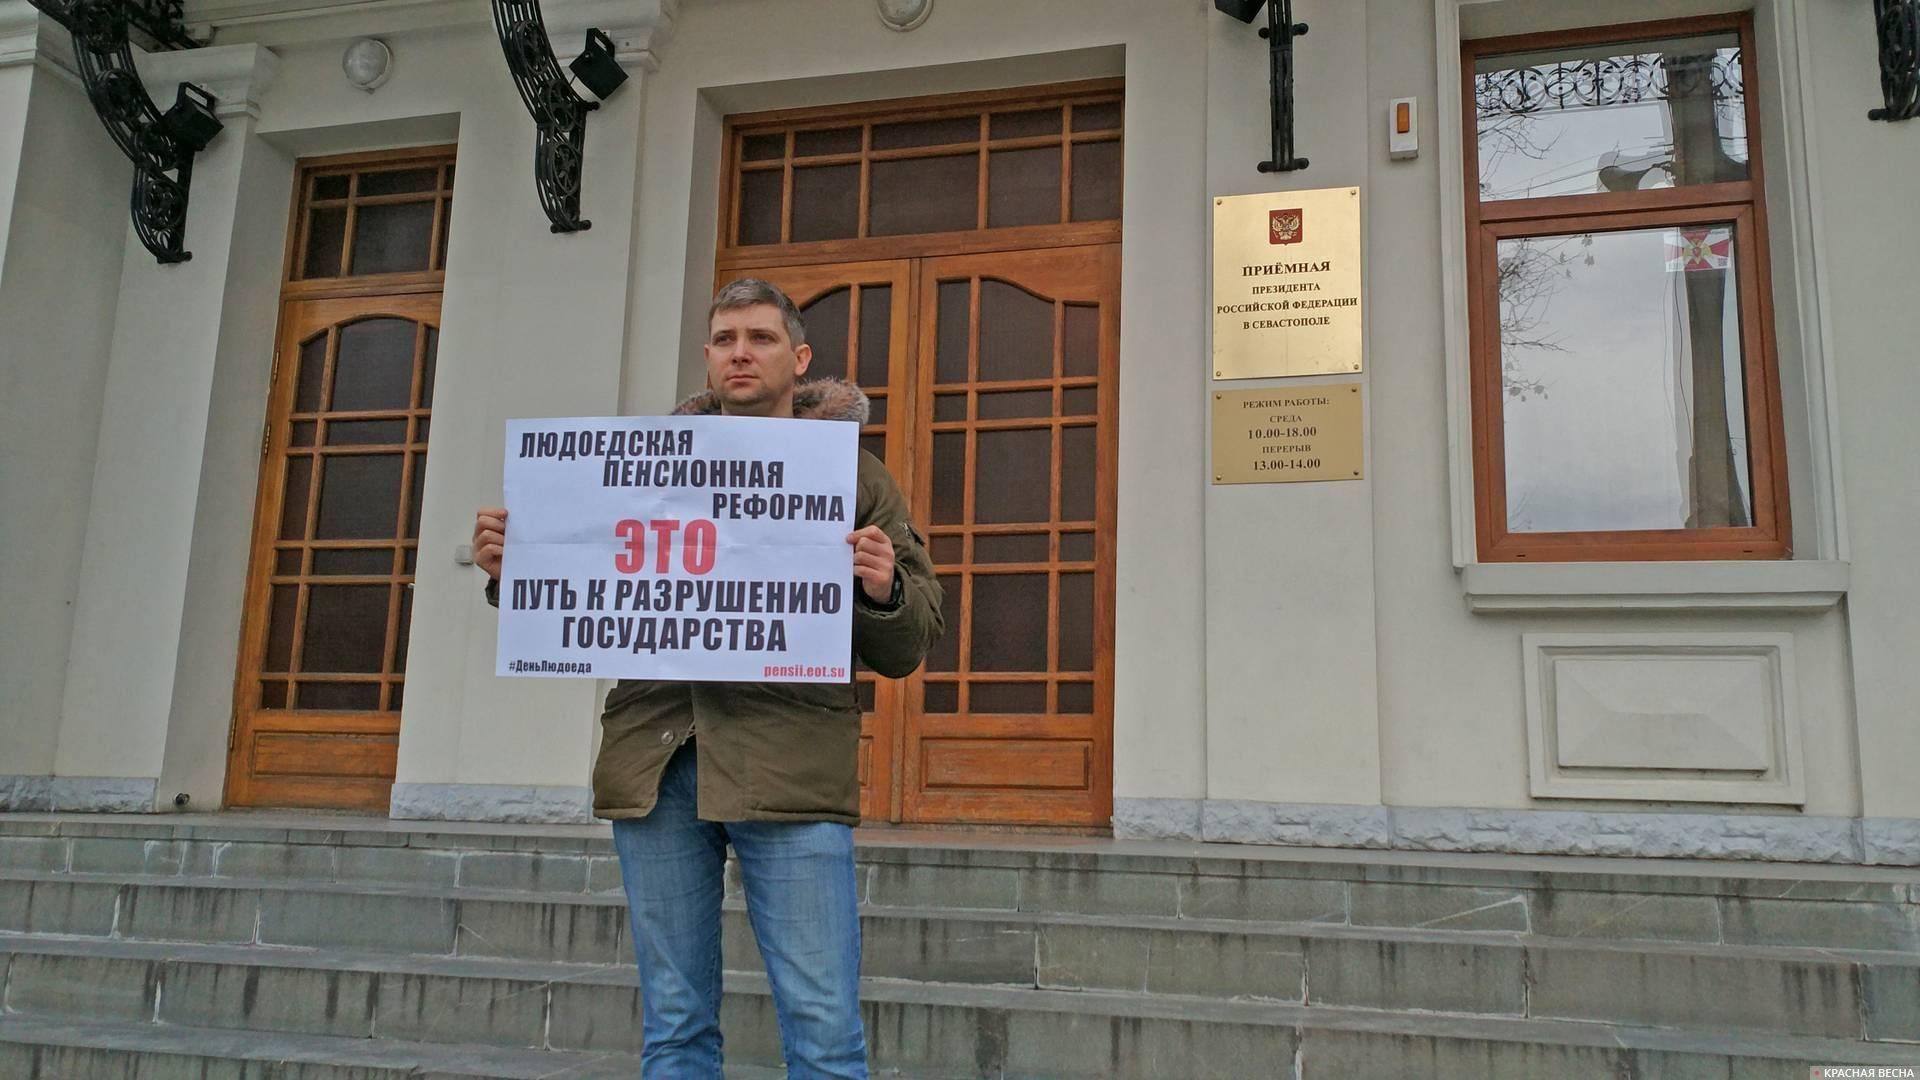 В Севастополе реформу назвали инструментом разрушения России